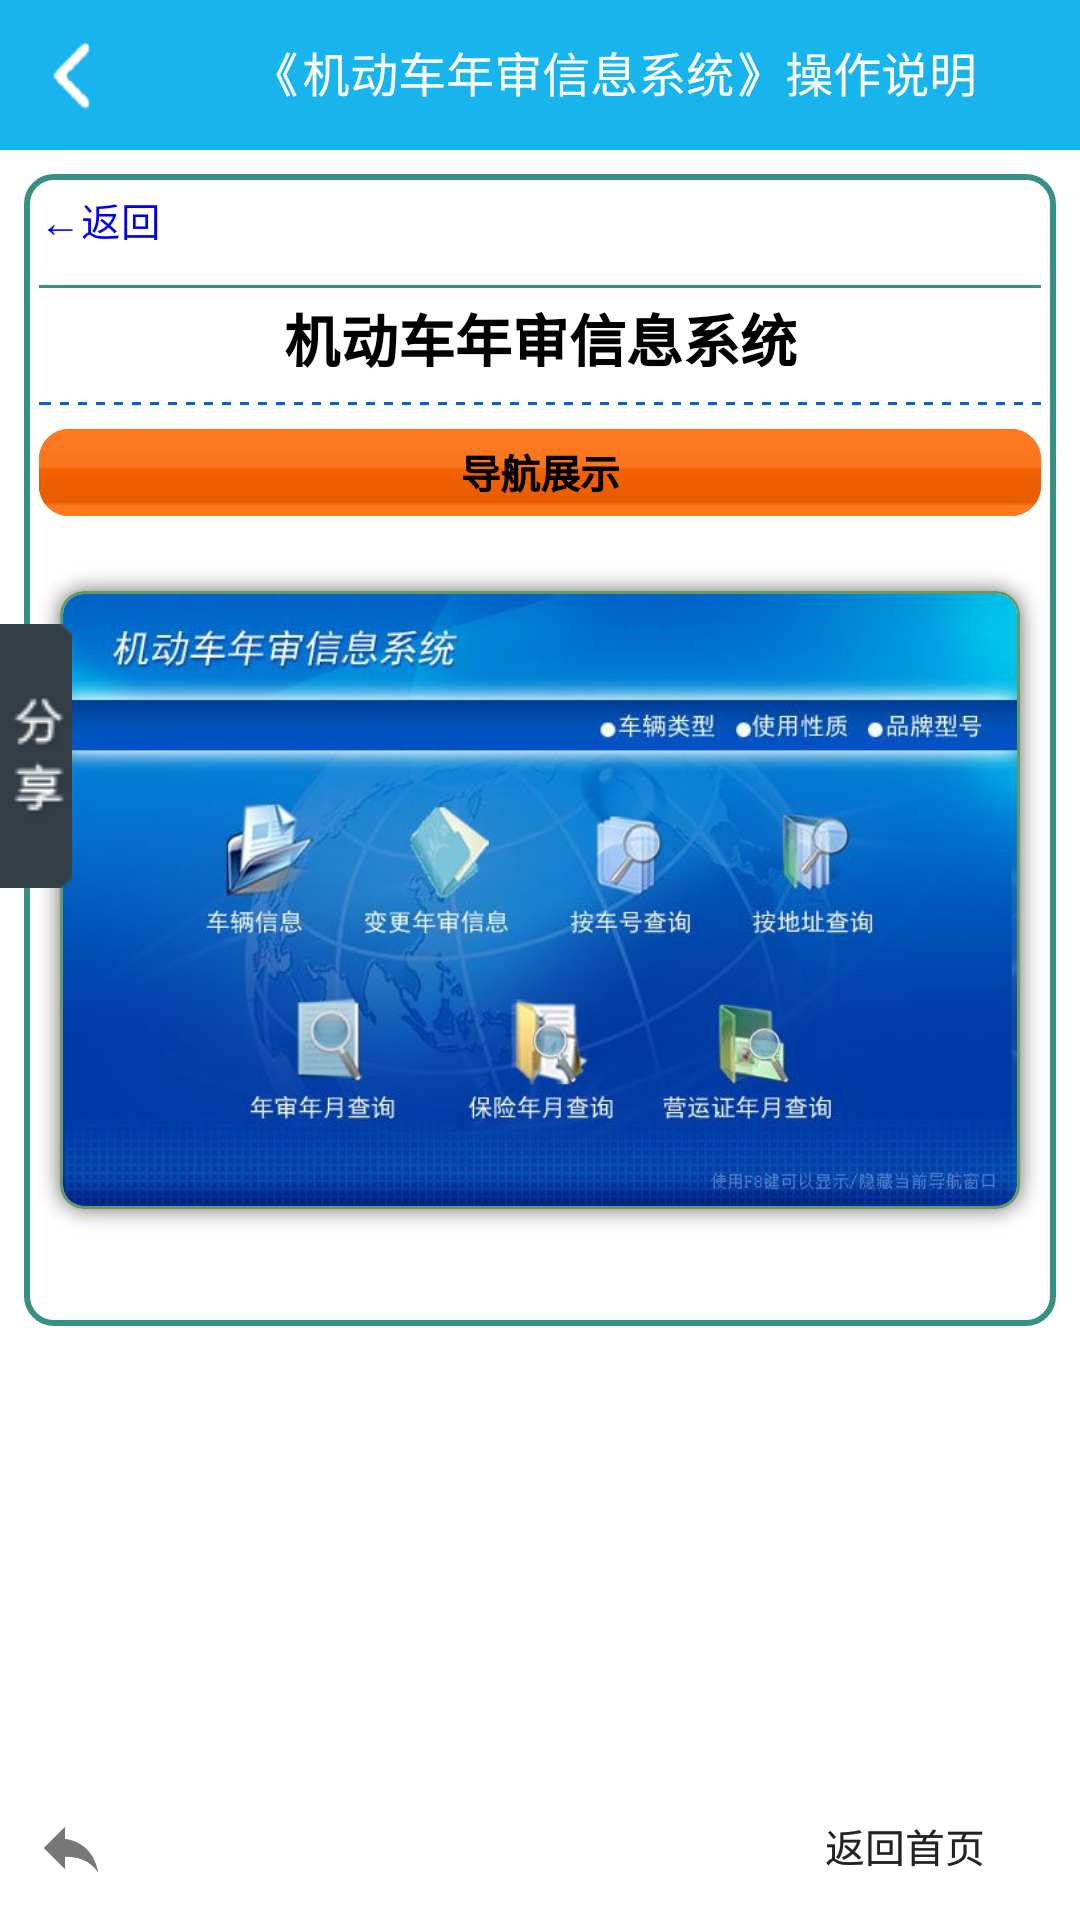 机动车年审信息系统